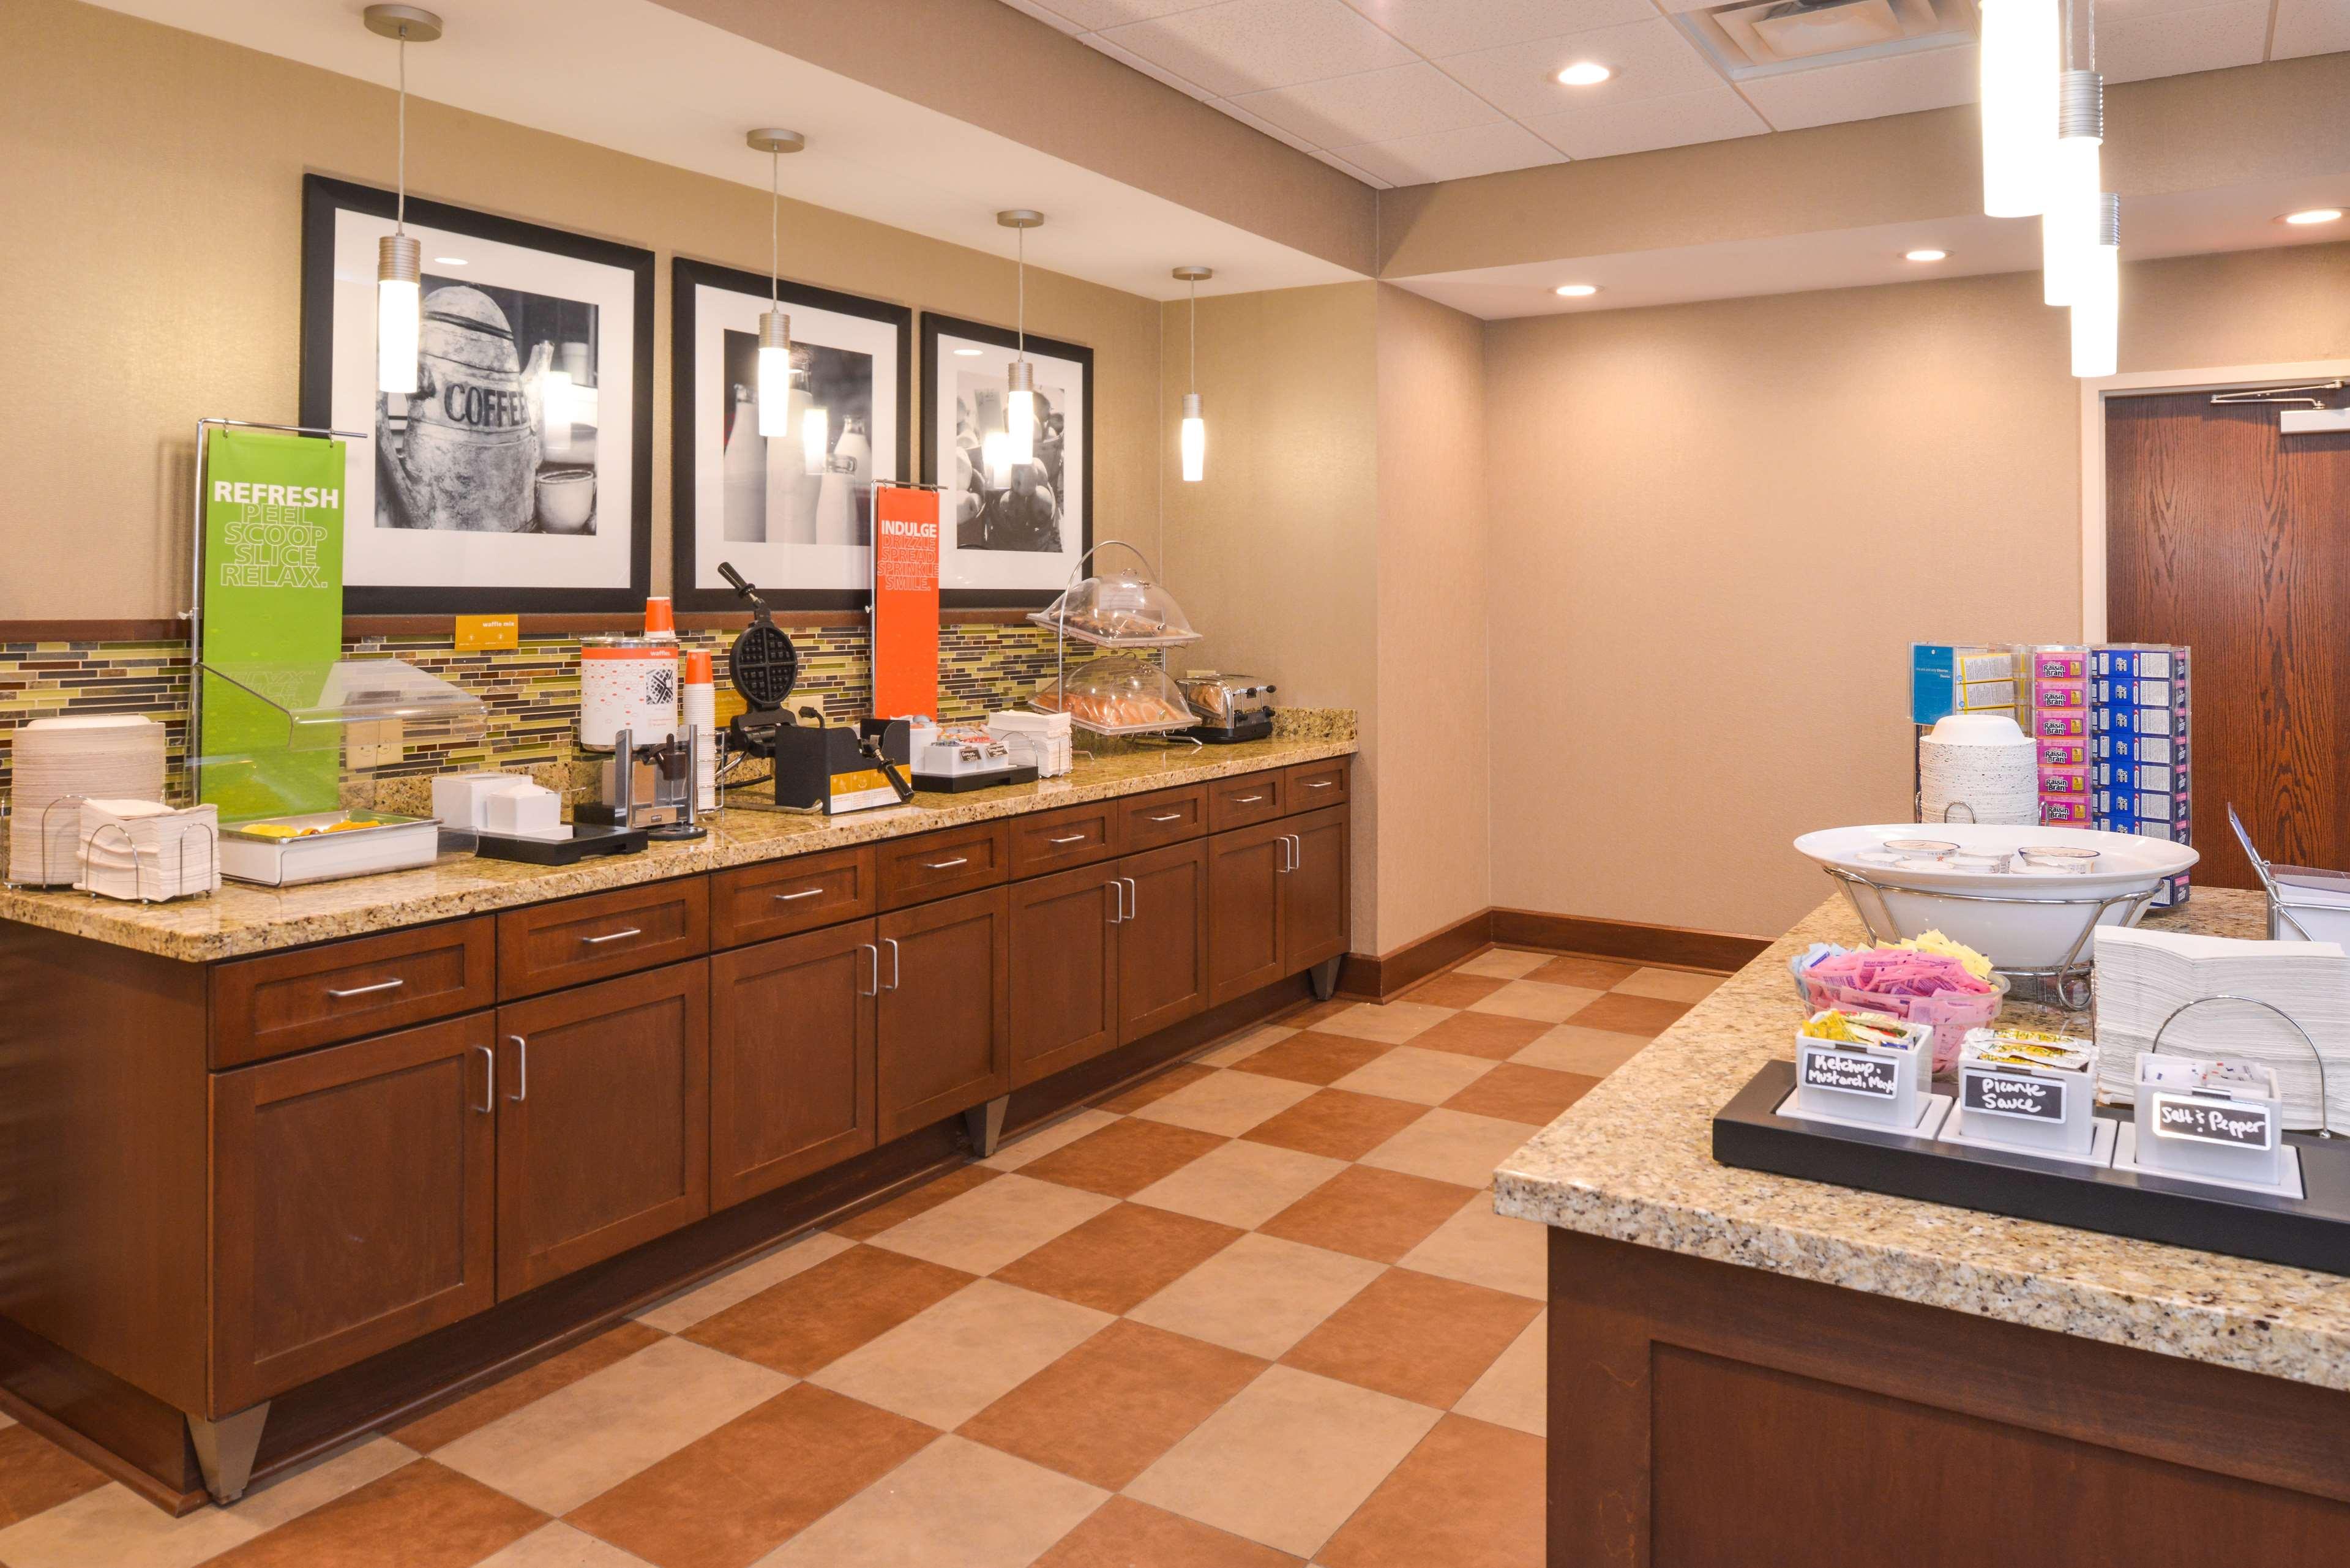 Hampton Inn & Suites Lonoke image 12